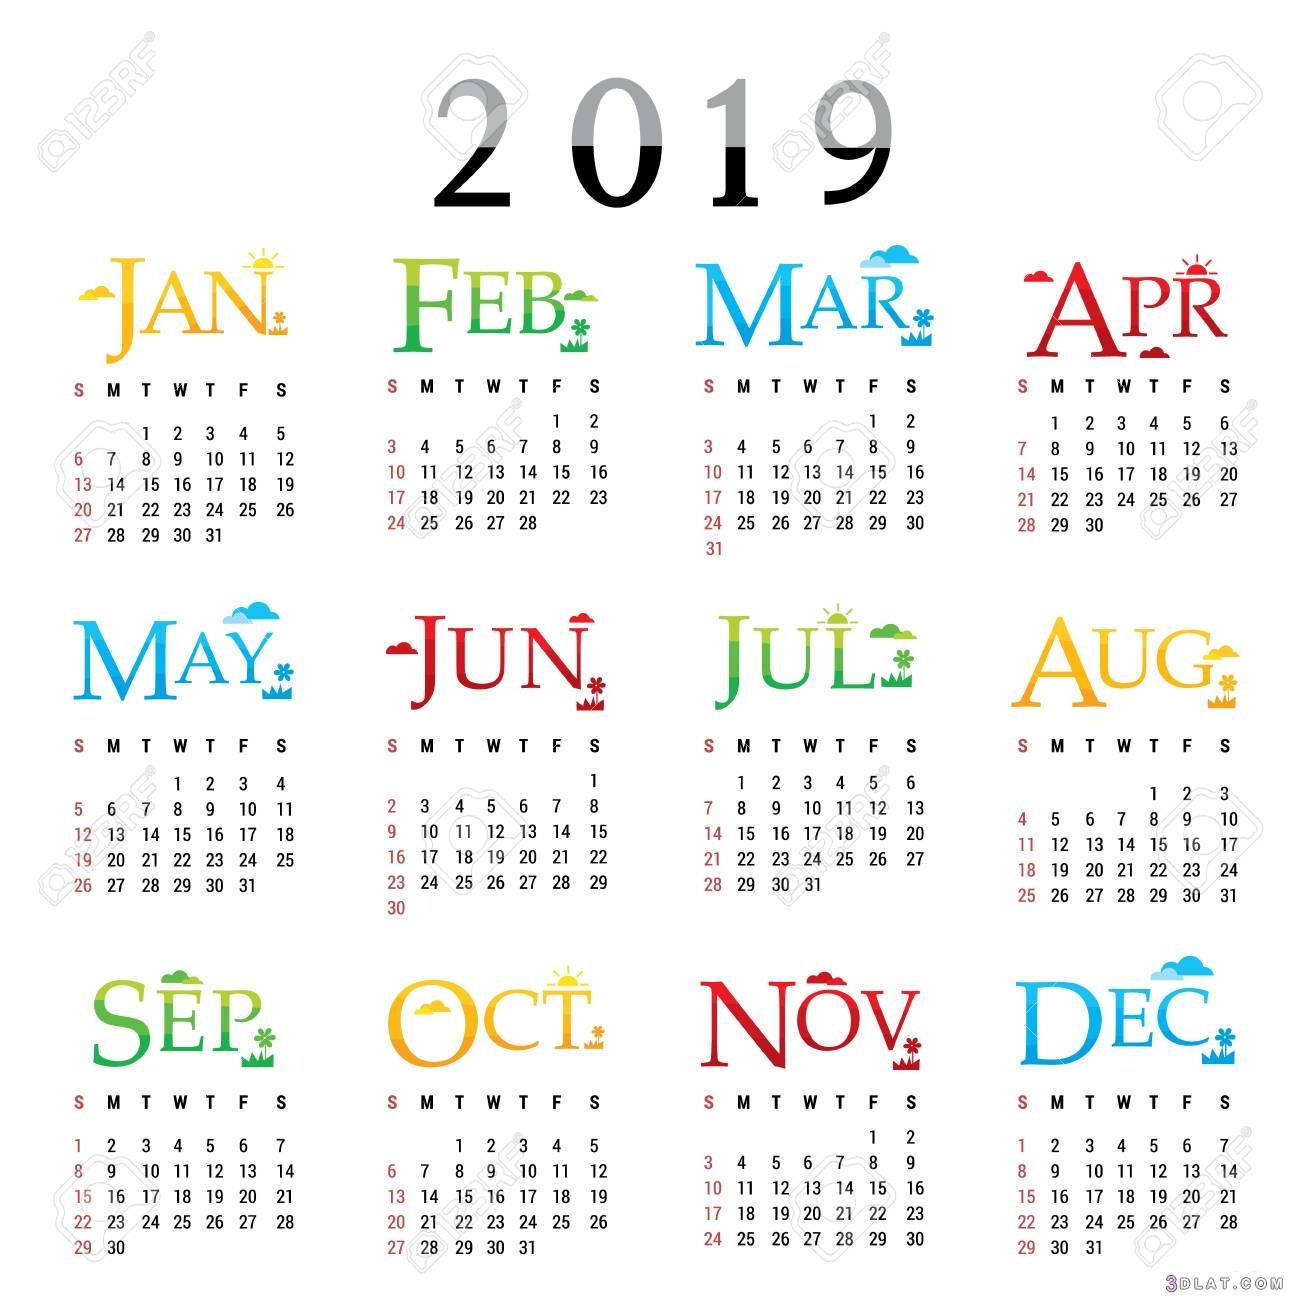 التقويم الميلادي لعام 2019, التقويم الميلادي الجديد لعام